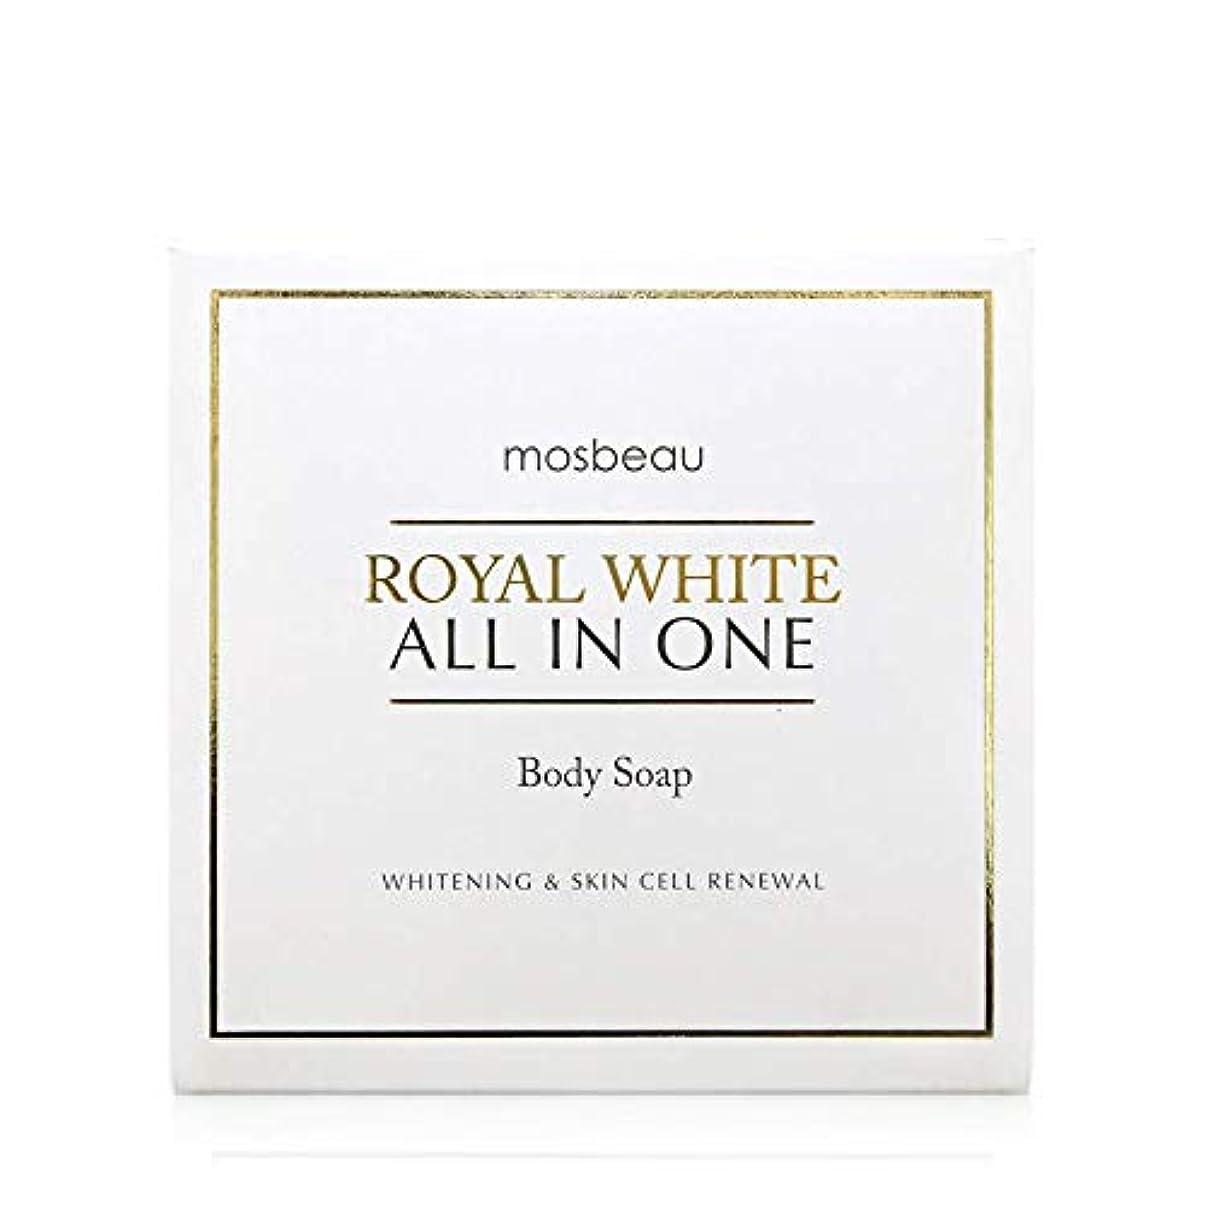 攻撃現代ばかげているmosbeau ROYAL WHITE ALL-IN-ONE BODY SOAP 100g ロィヤルホワイトオールインワンボディーソープ